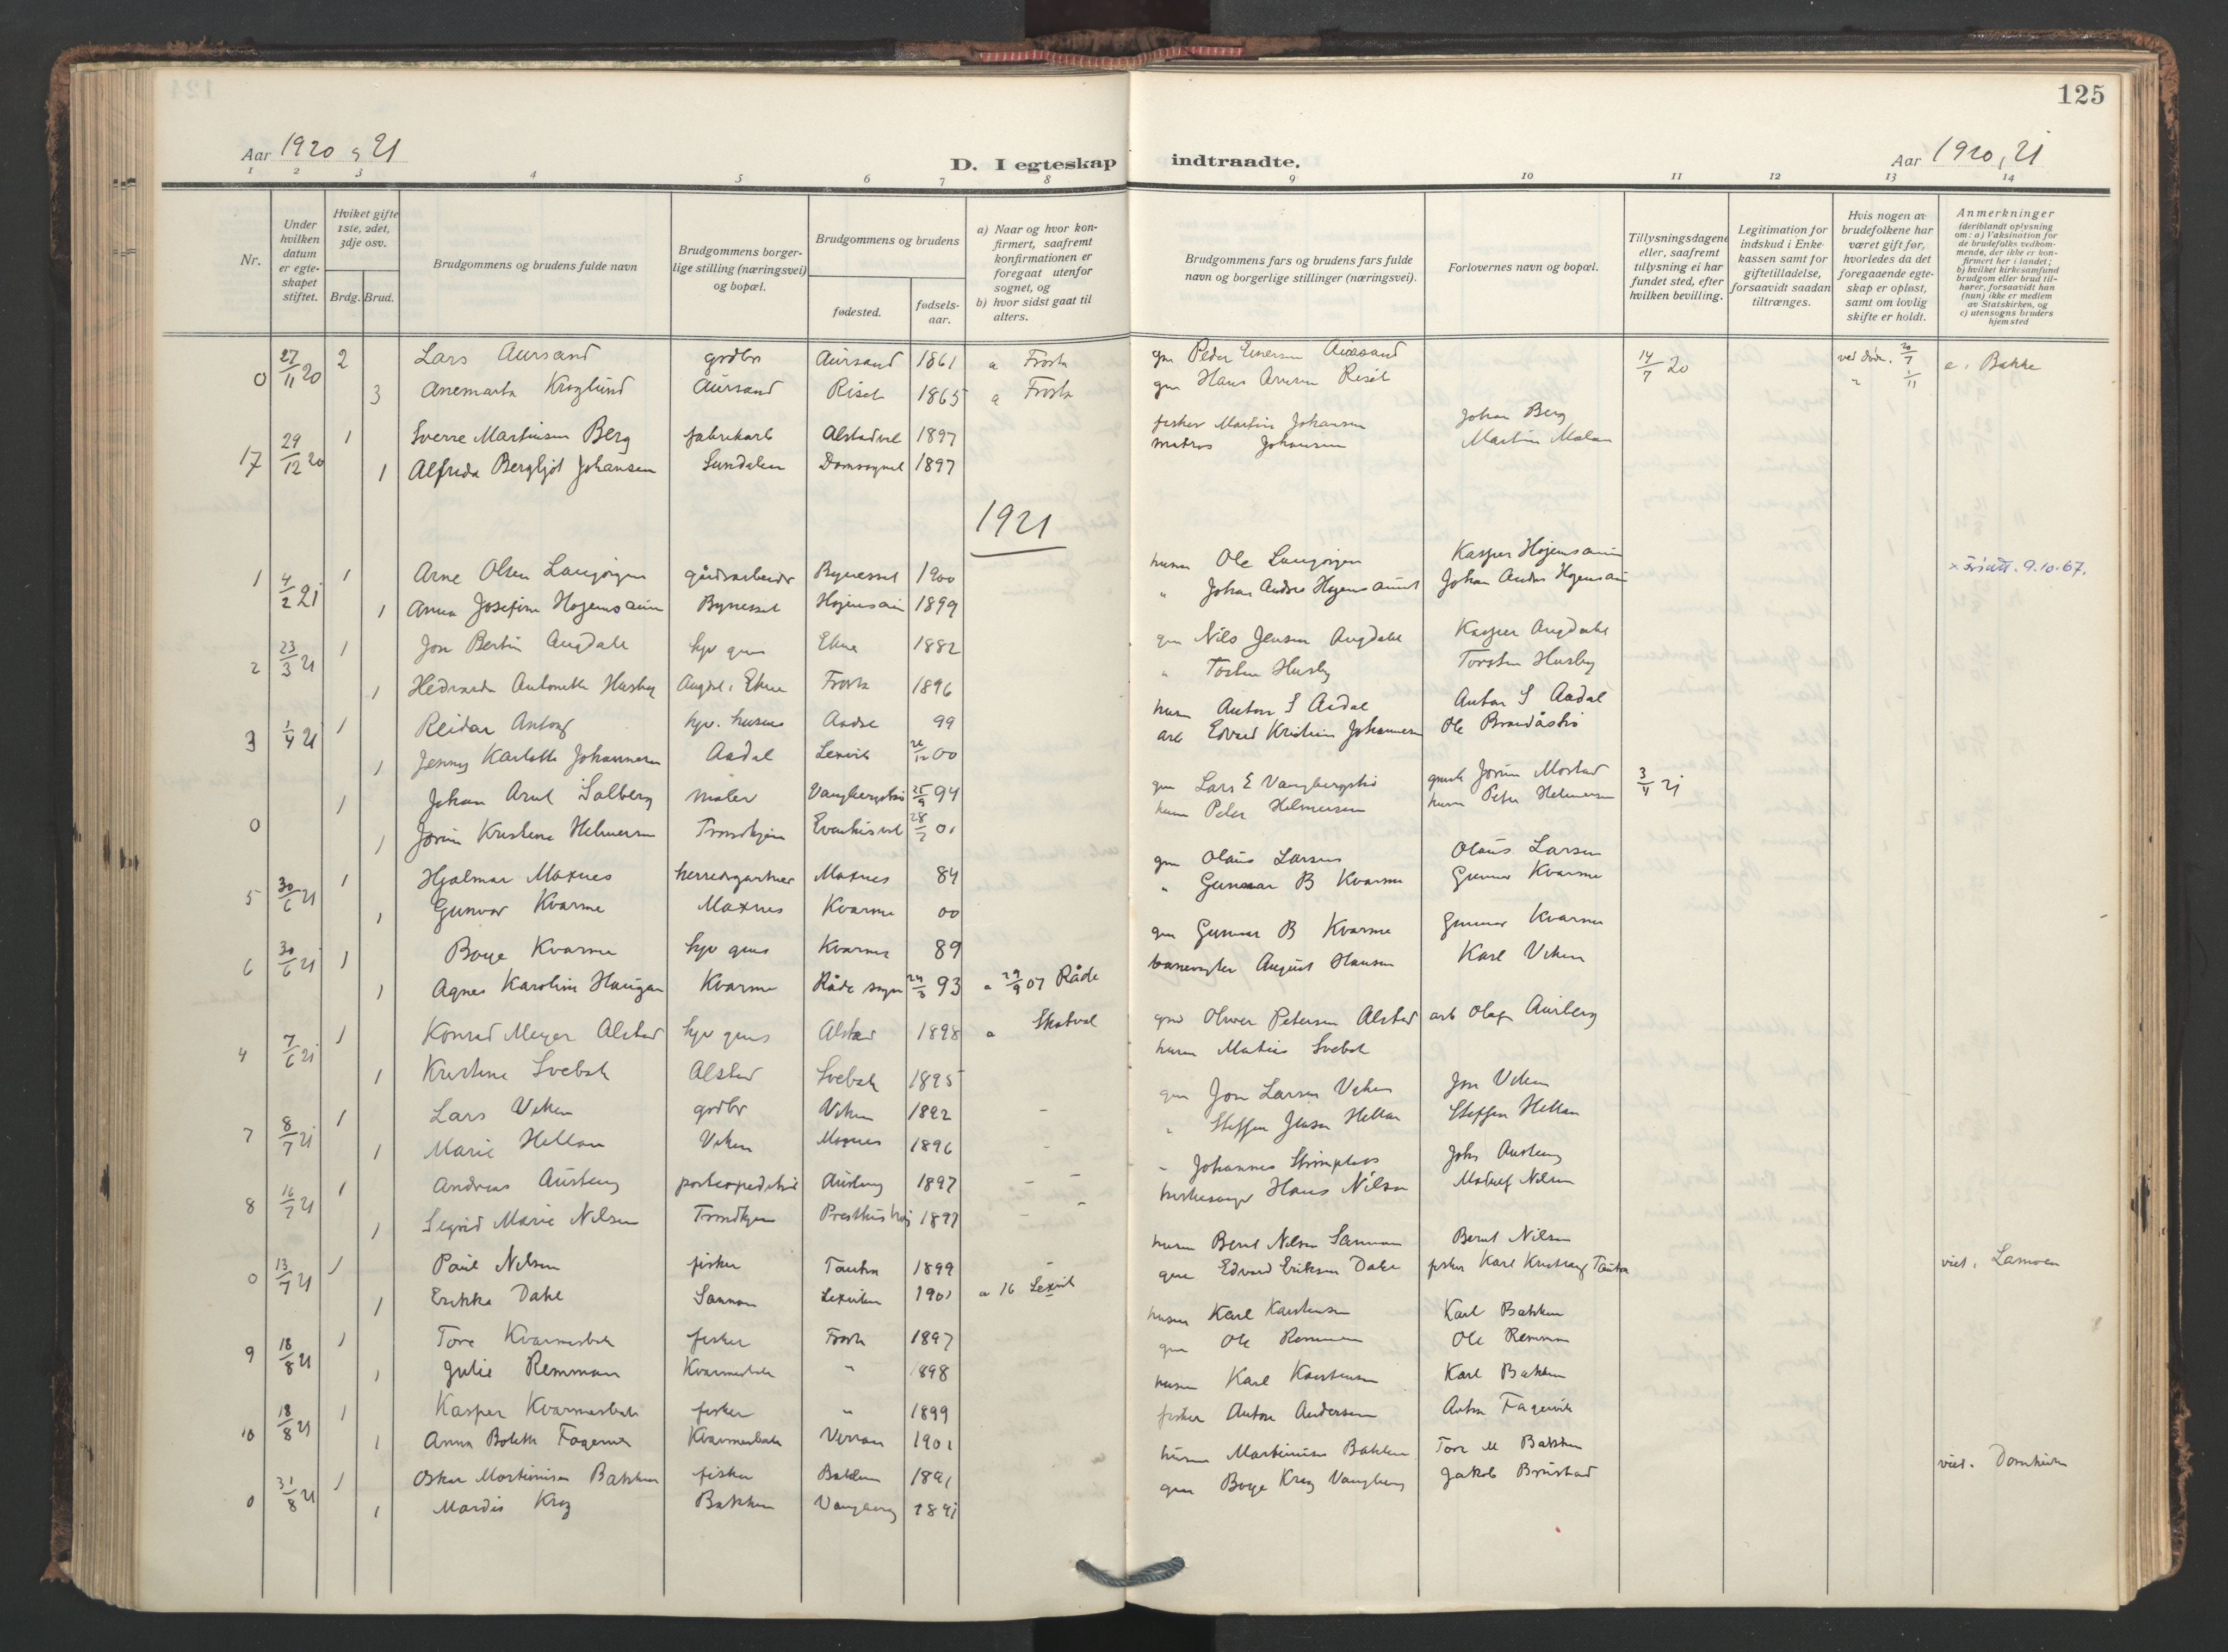 SAT, Ministerialprotokoller, klokkerbøker og fødselsregistre - Nord-Trøndelag, 713/L0123: Ministerialbok nr. 713A12, 1911-1925, s. 125